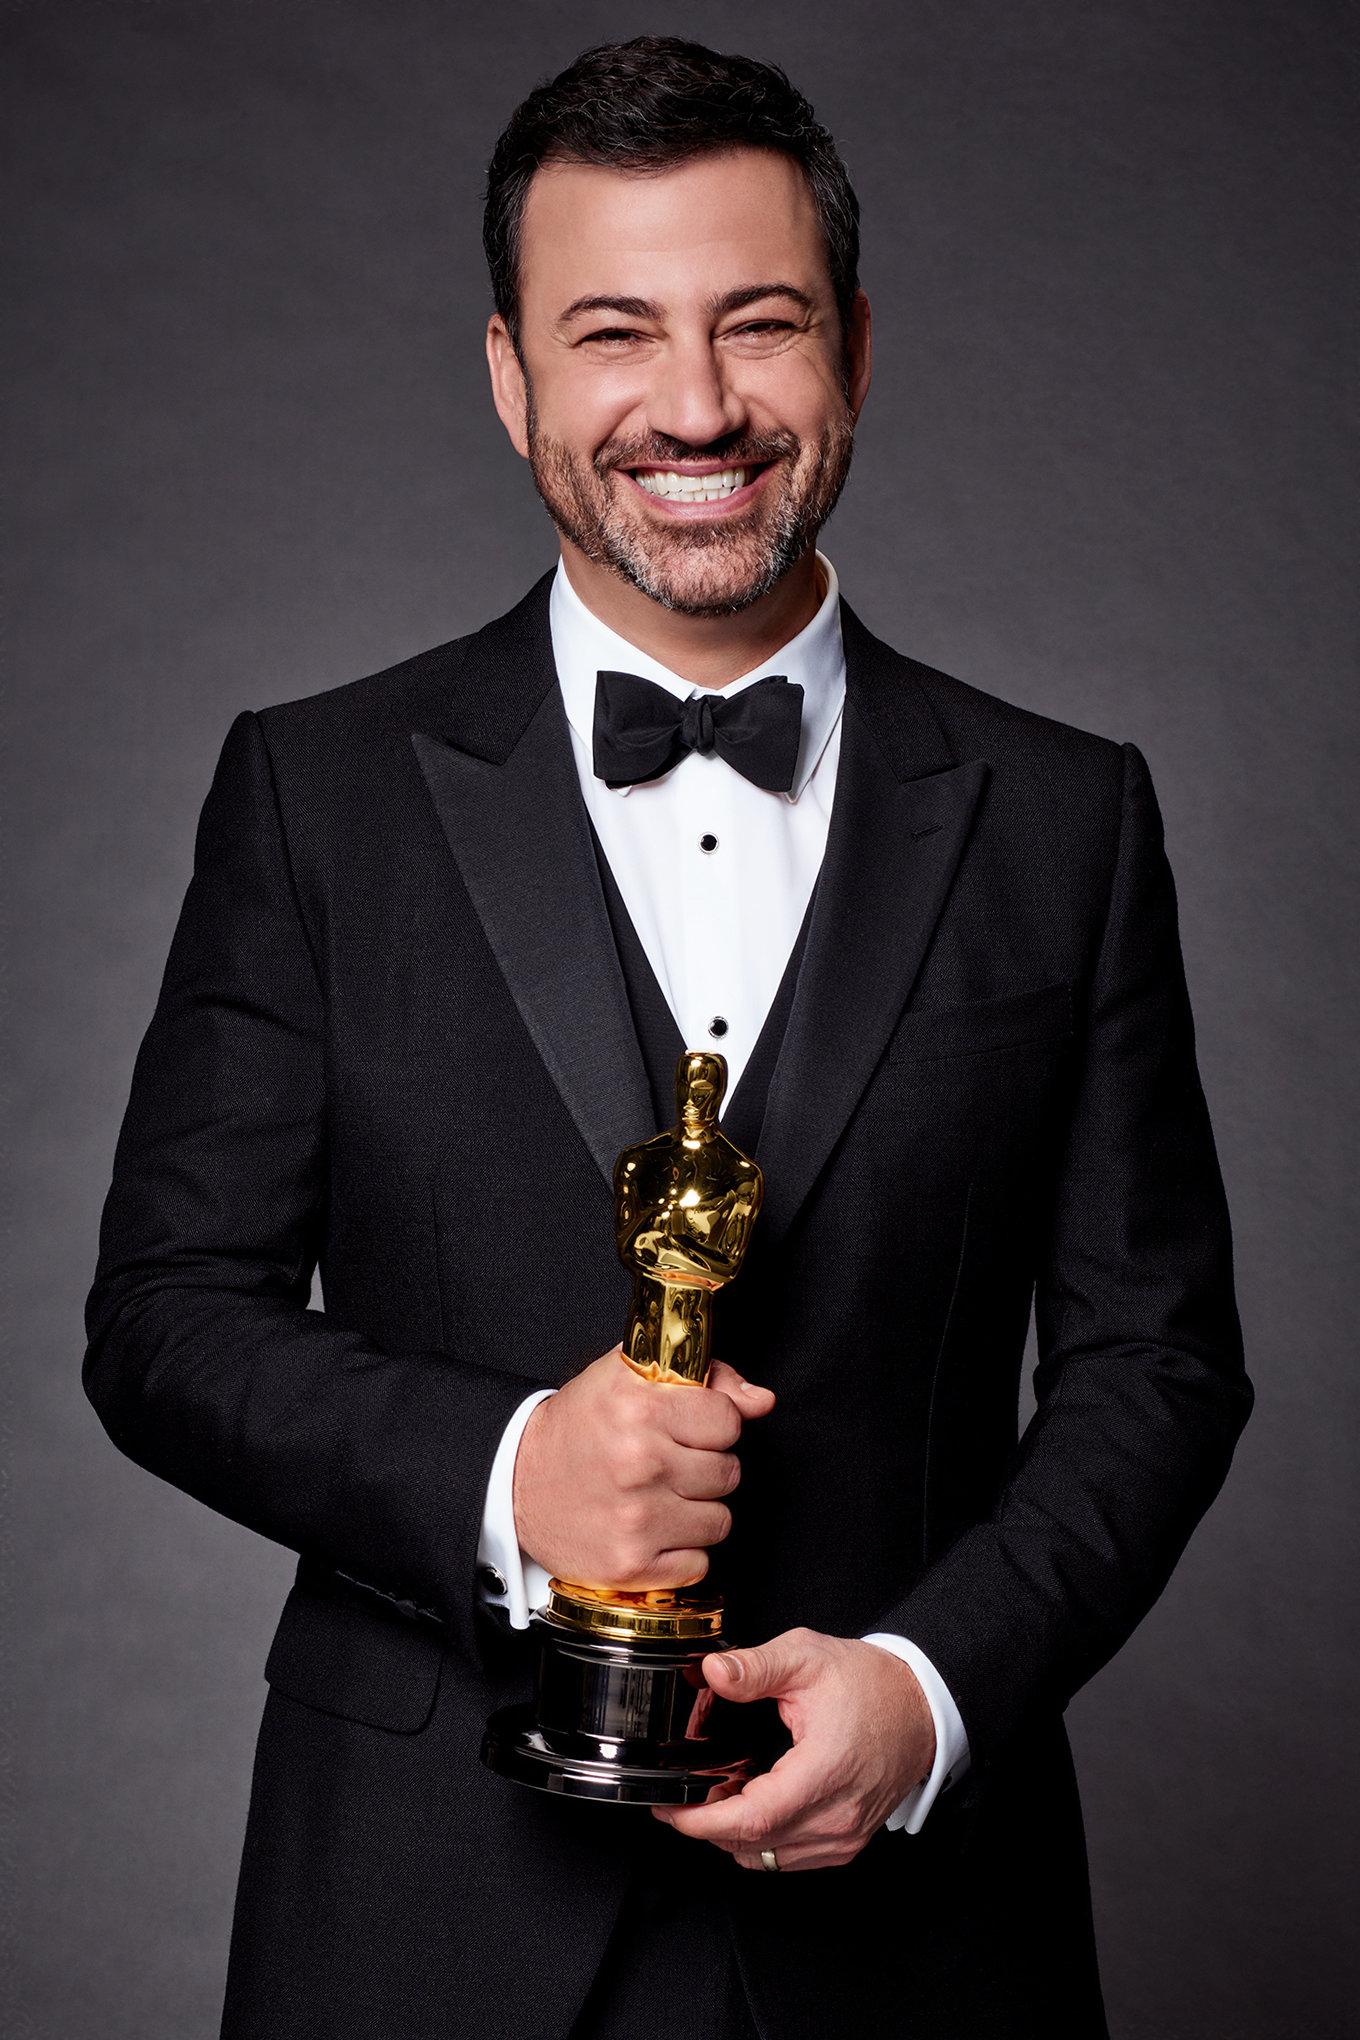 Nadchodzi wielkie święto kina – już w ten weekend jubileuszowa Gala Oscarowa®